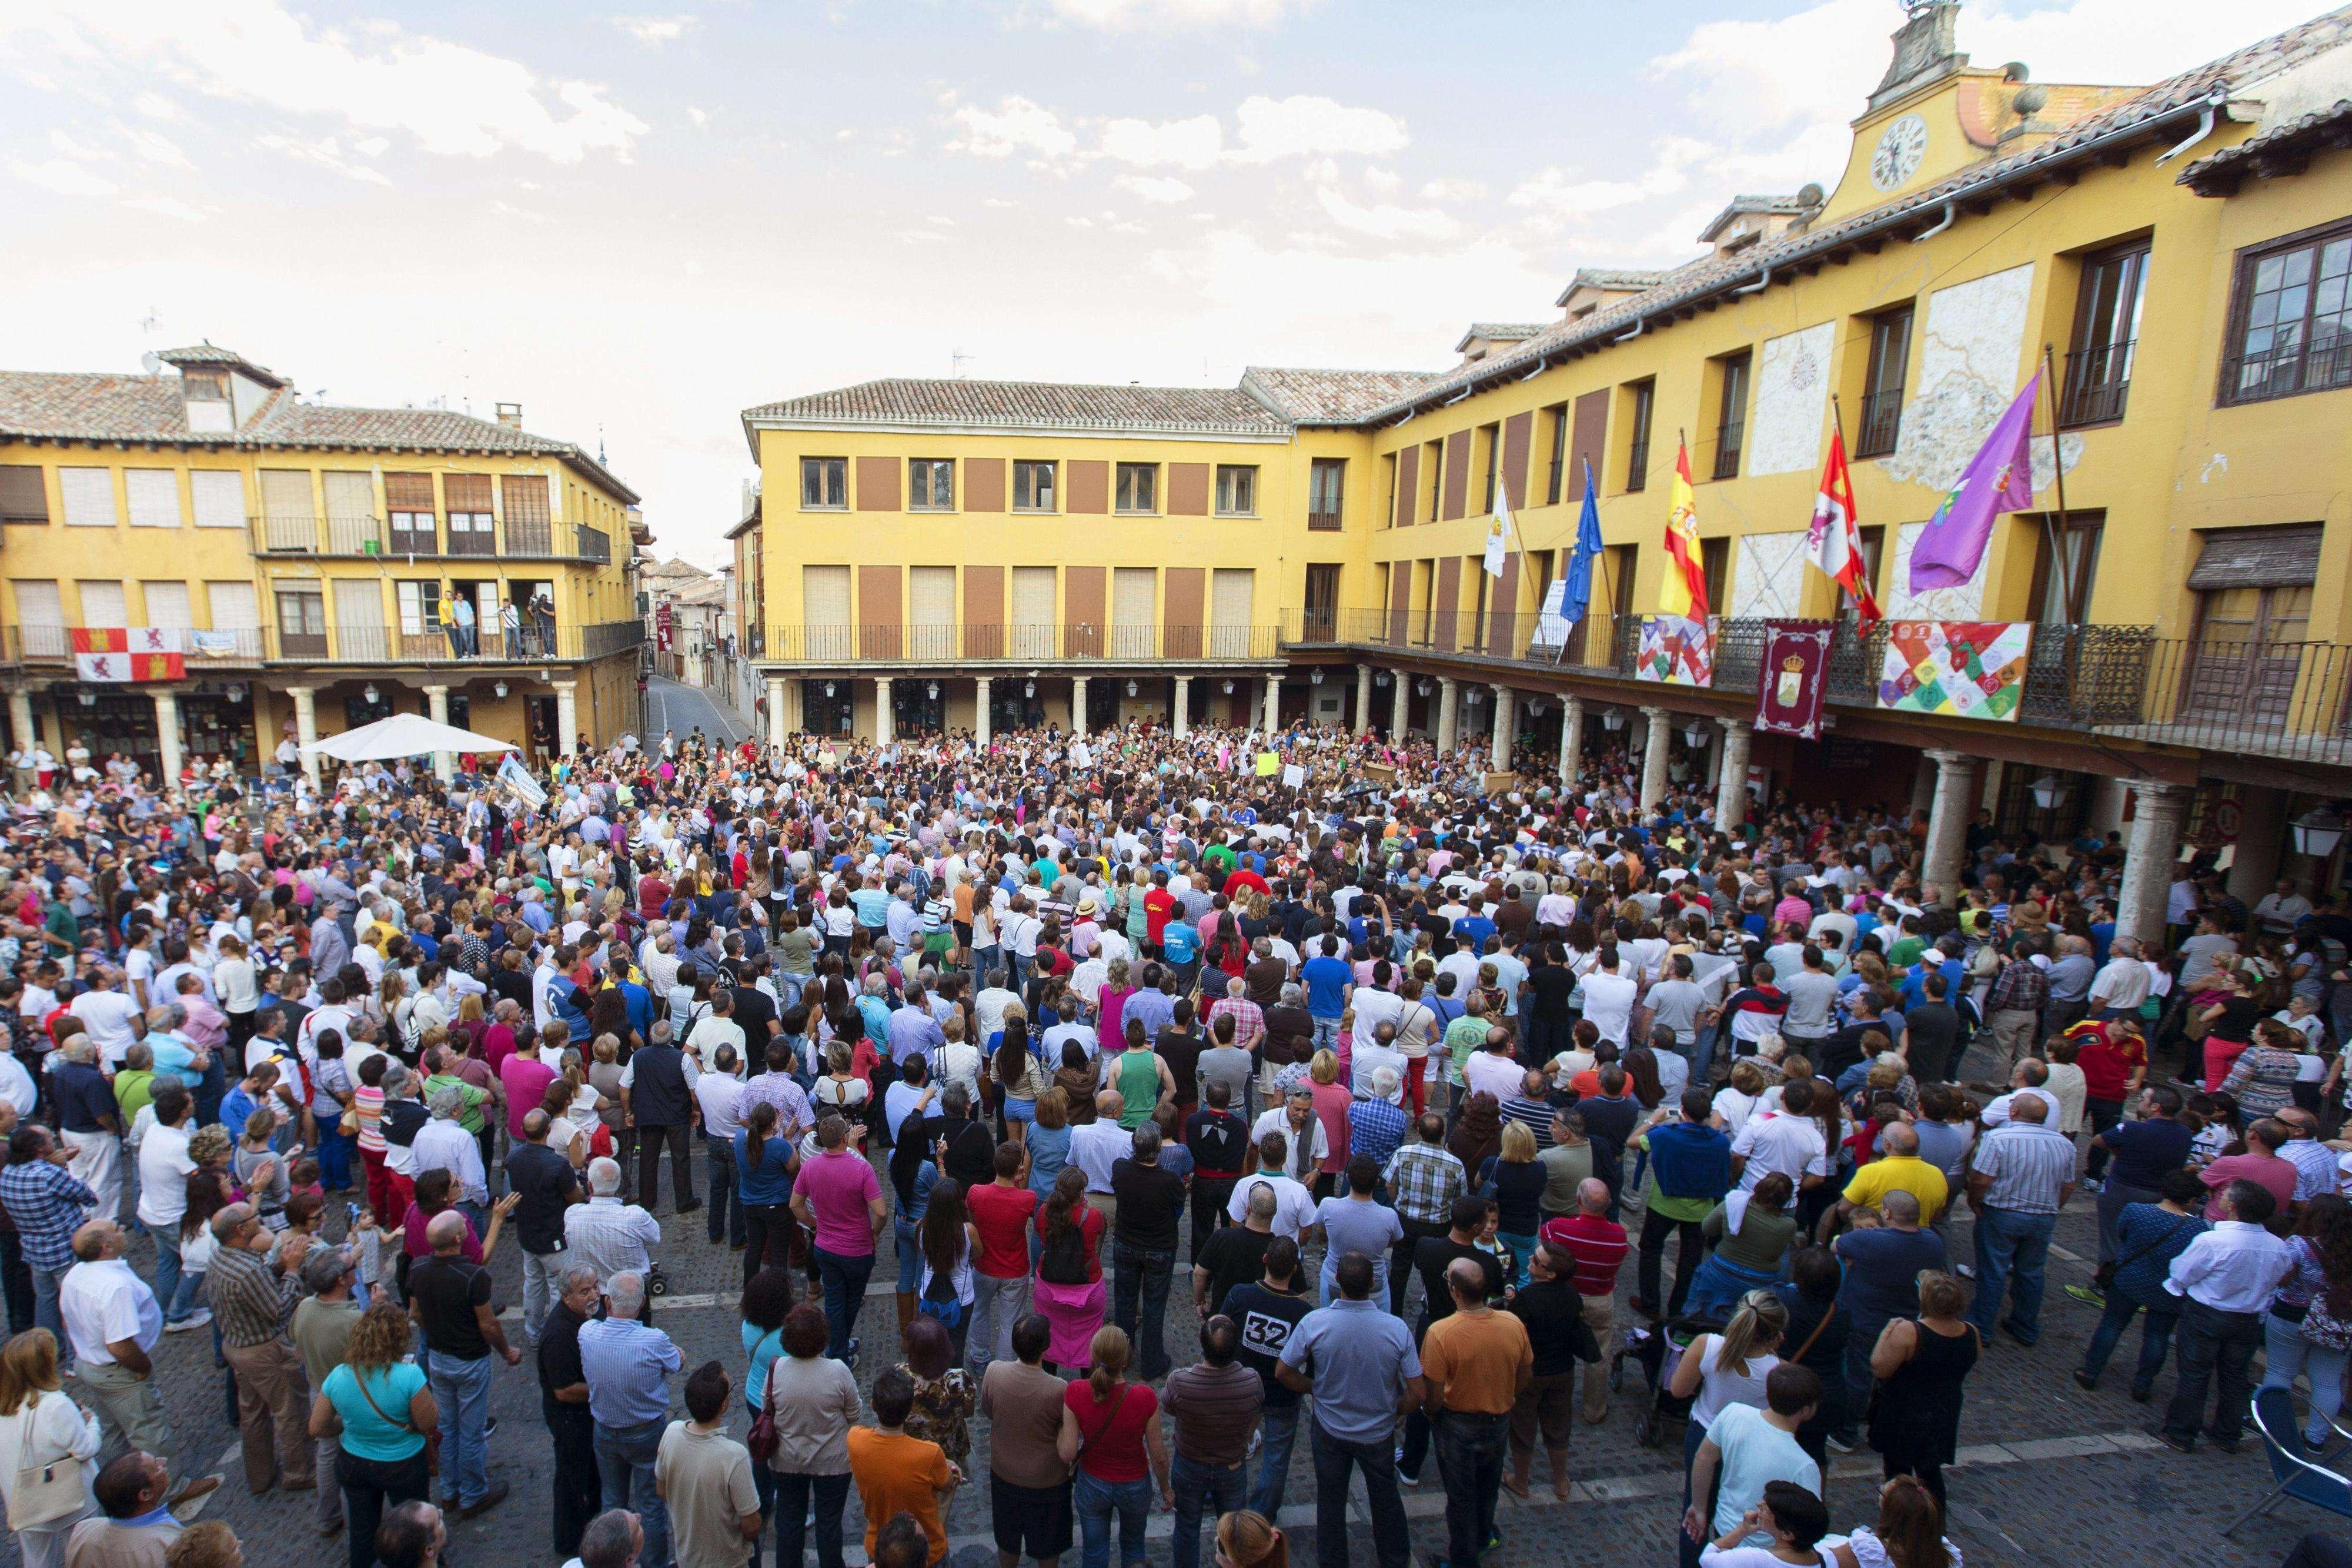 Los vecinos del municipio vallisoletano de Tordesillas durante la manifestación en defensa del Toro de la Vega. Foto: EFE